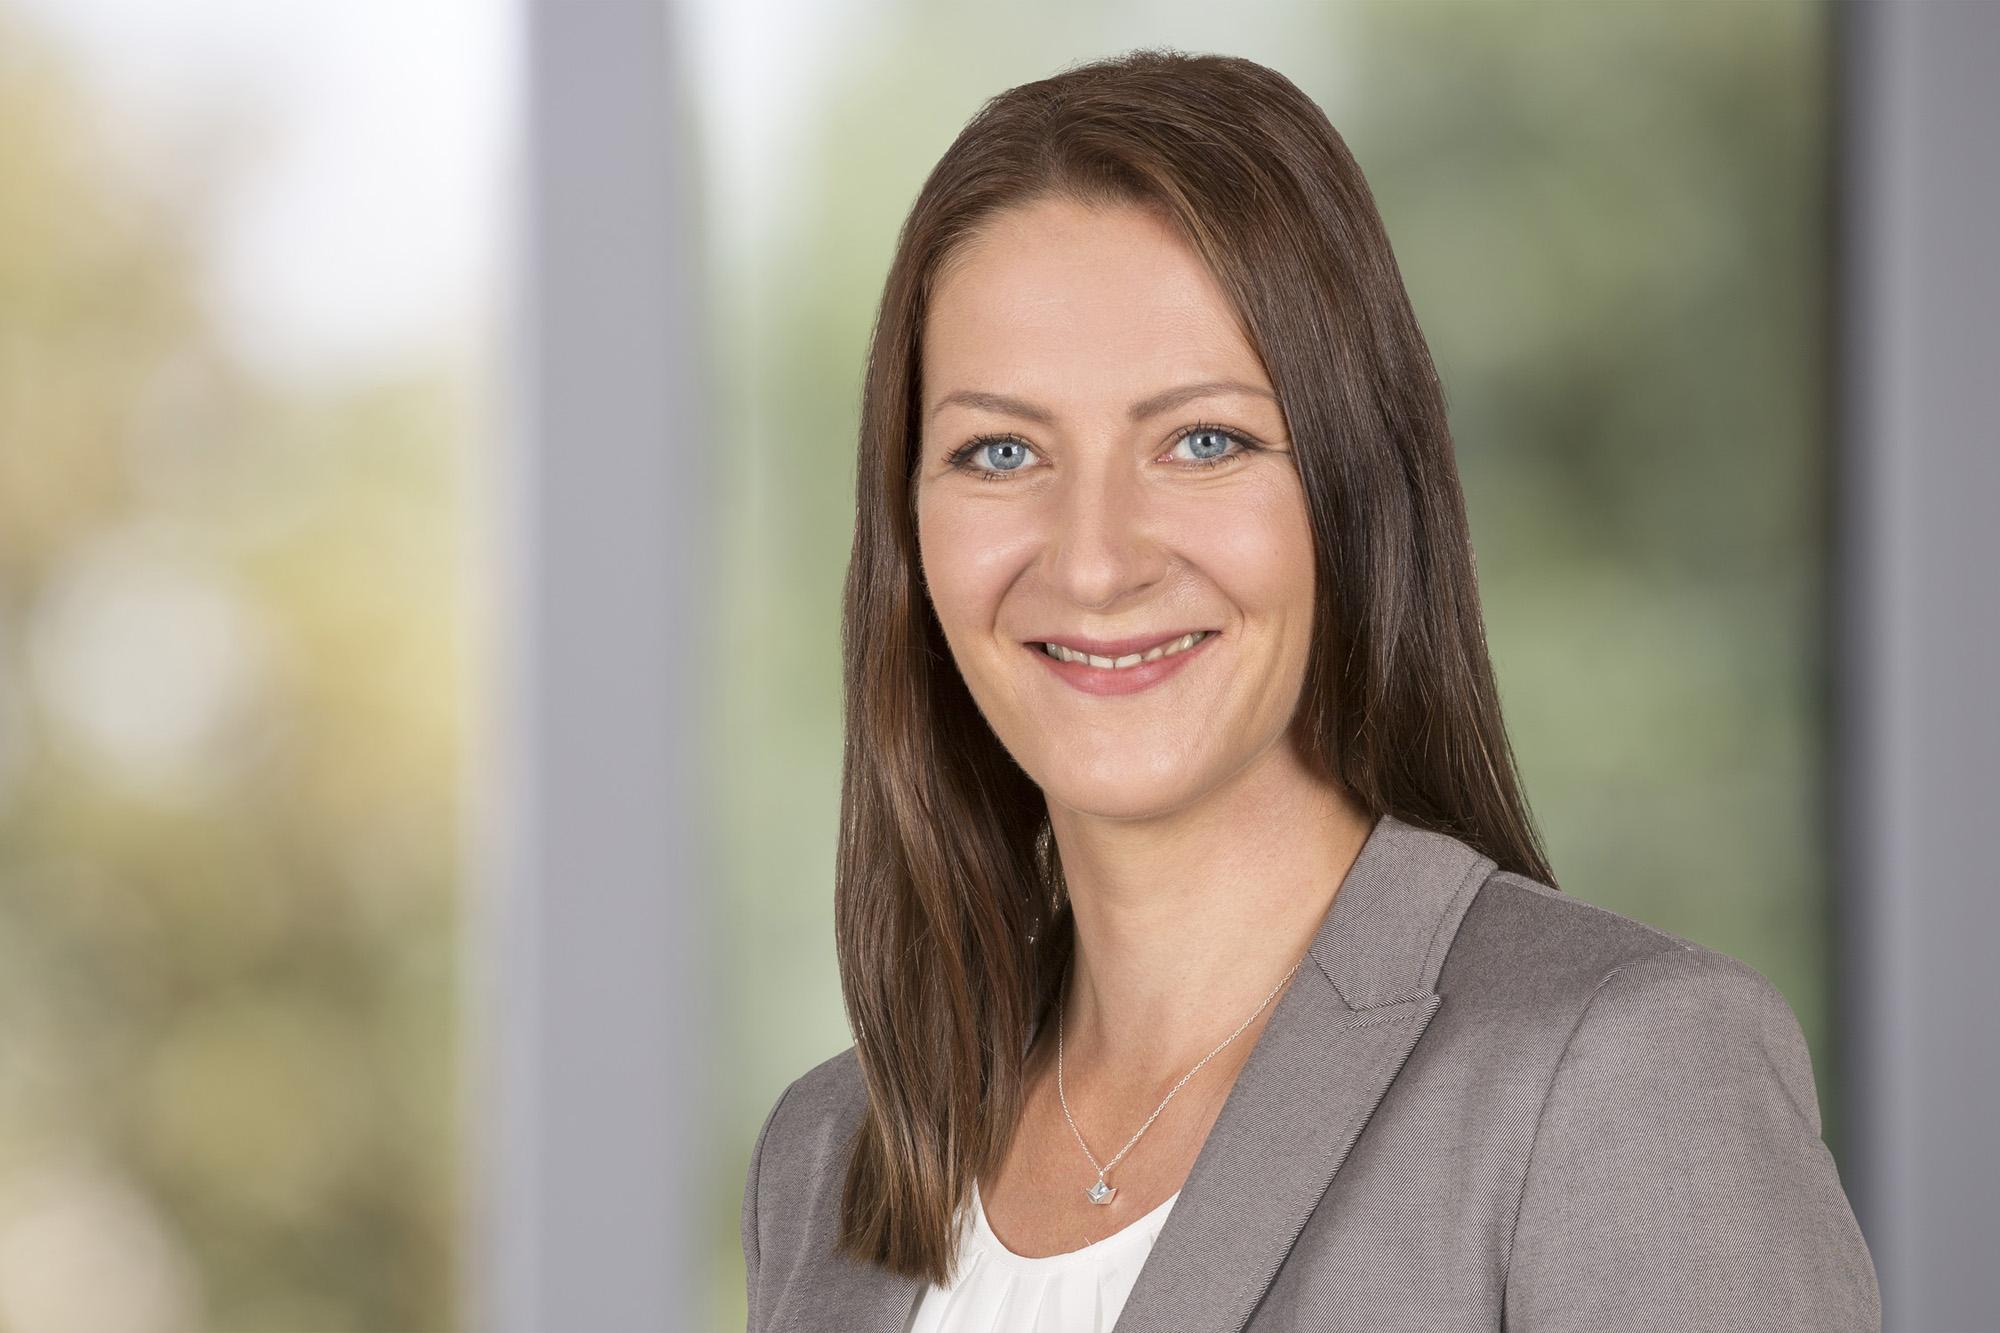 Bundesweit-Mitarbeiterporträt-Fotograf-Claudia-Masur